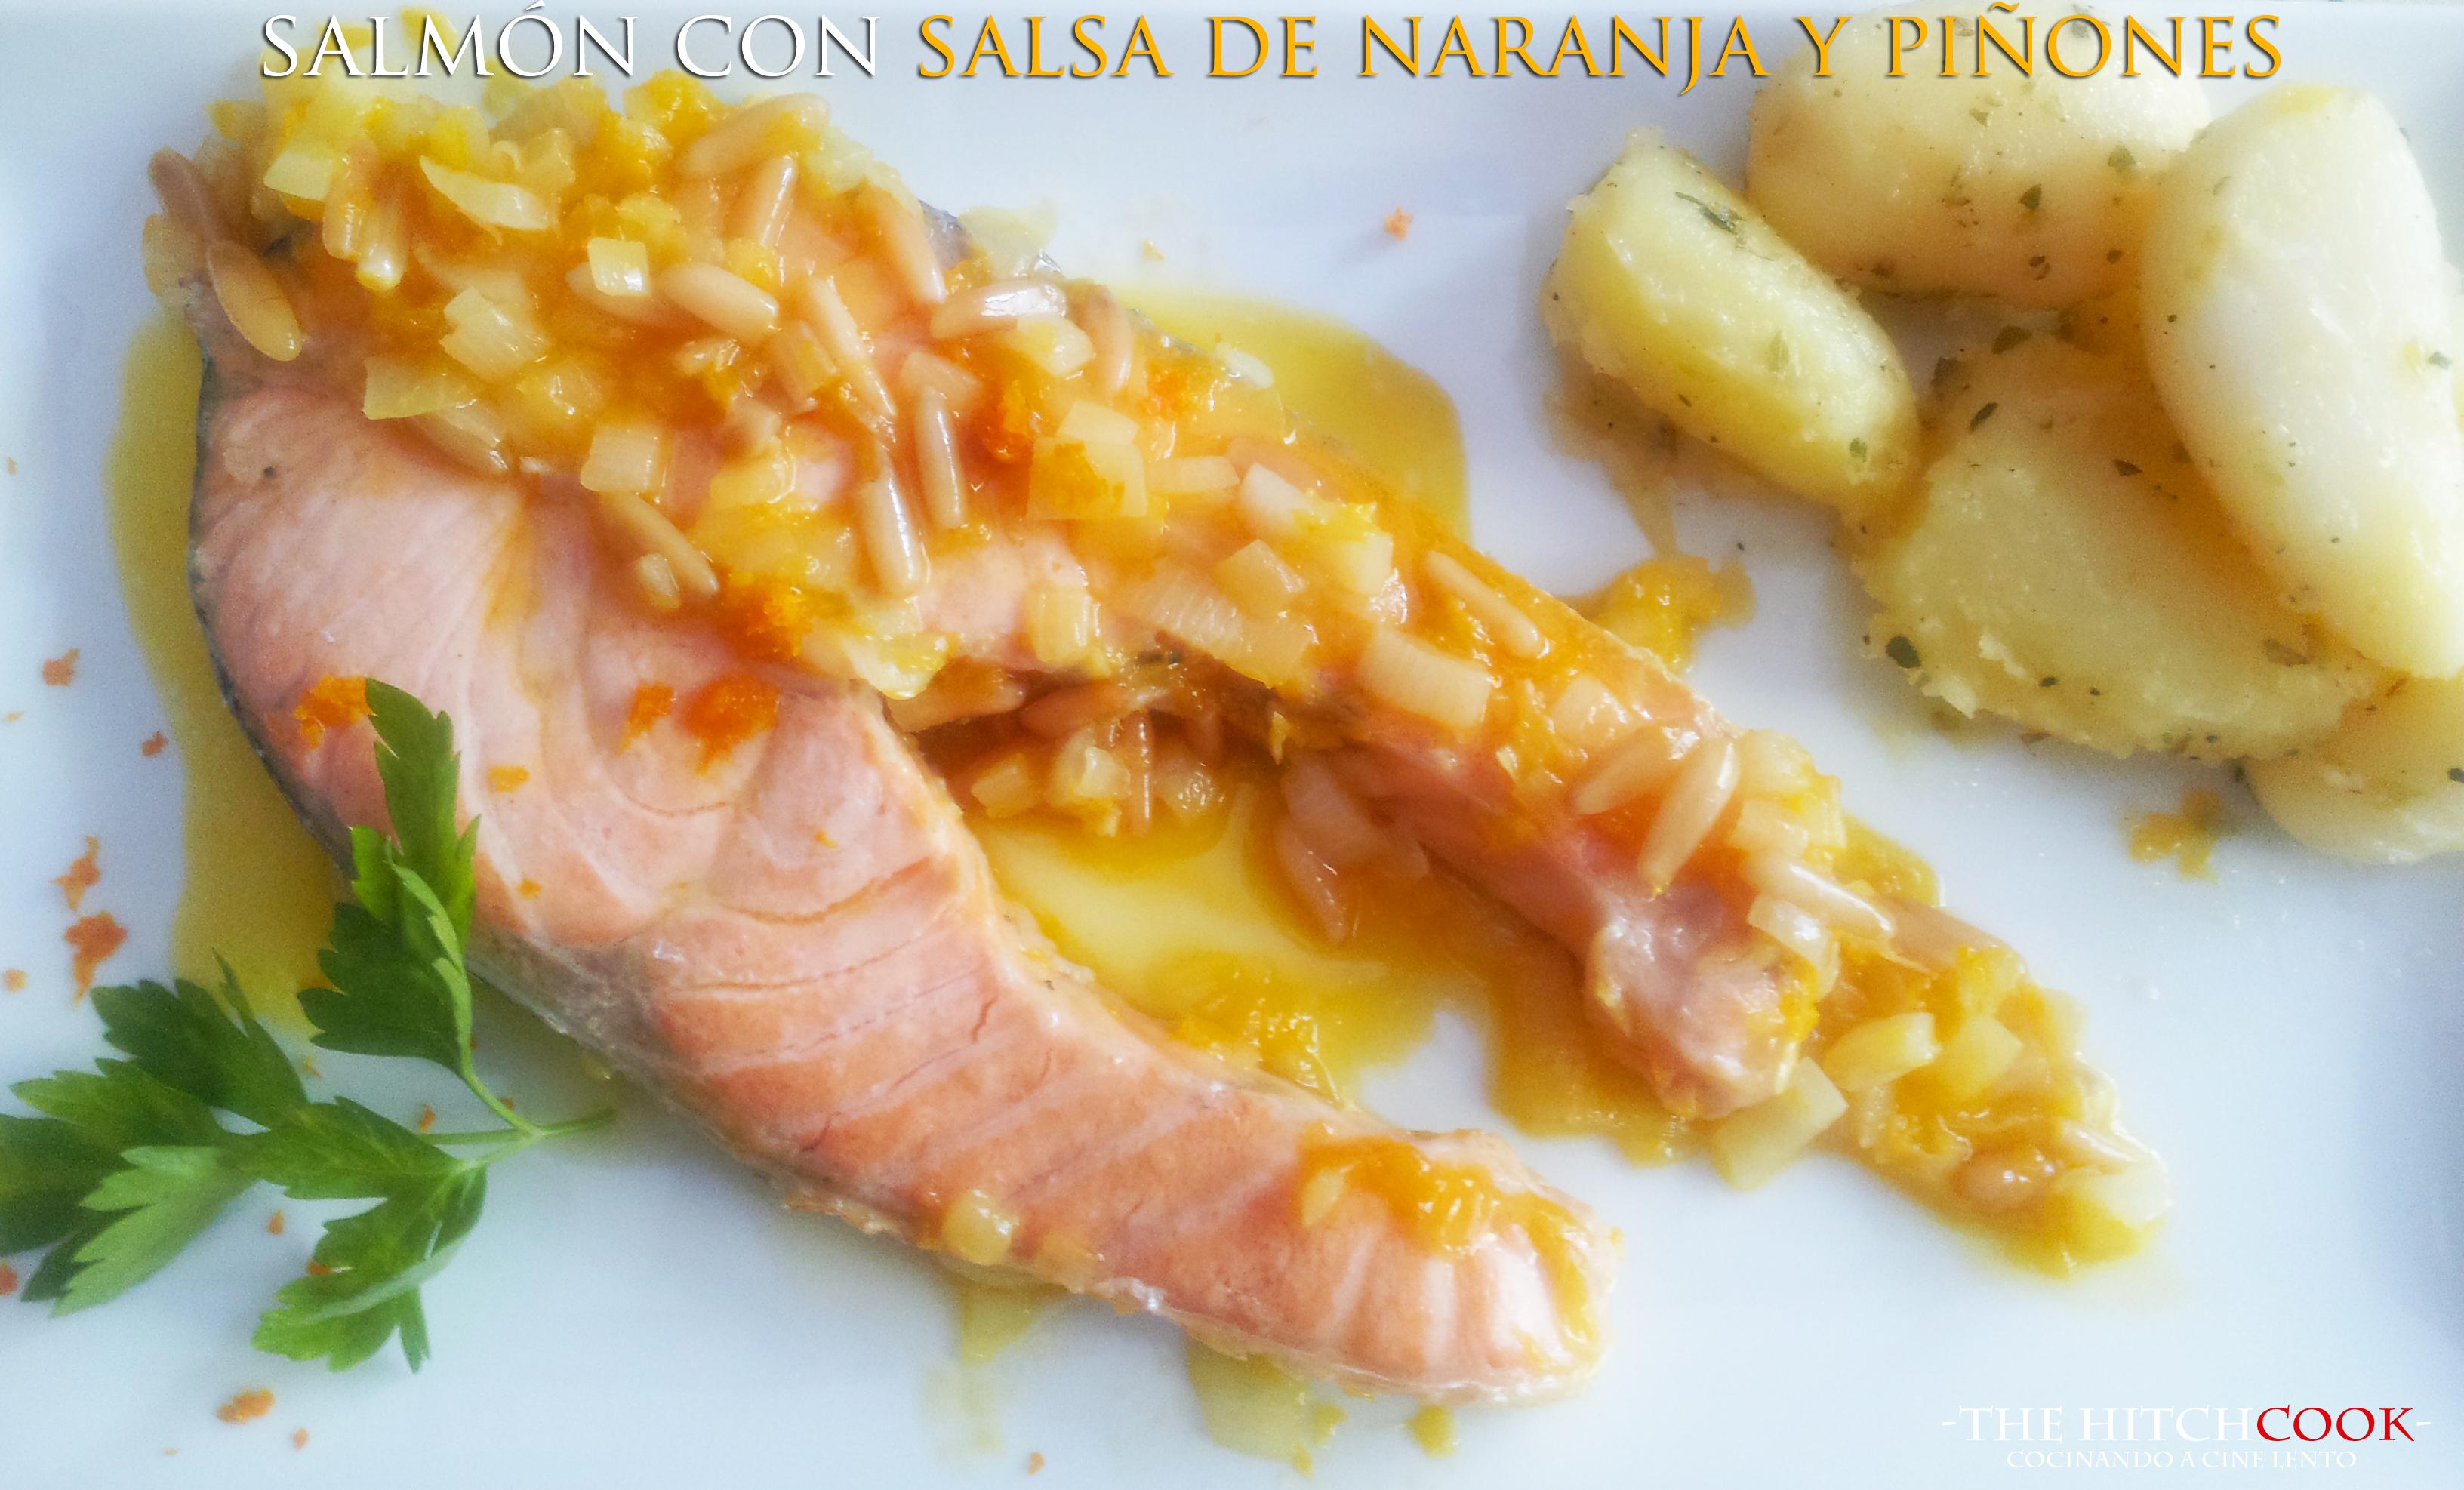 Salmón con salsa de naranja y piñones